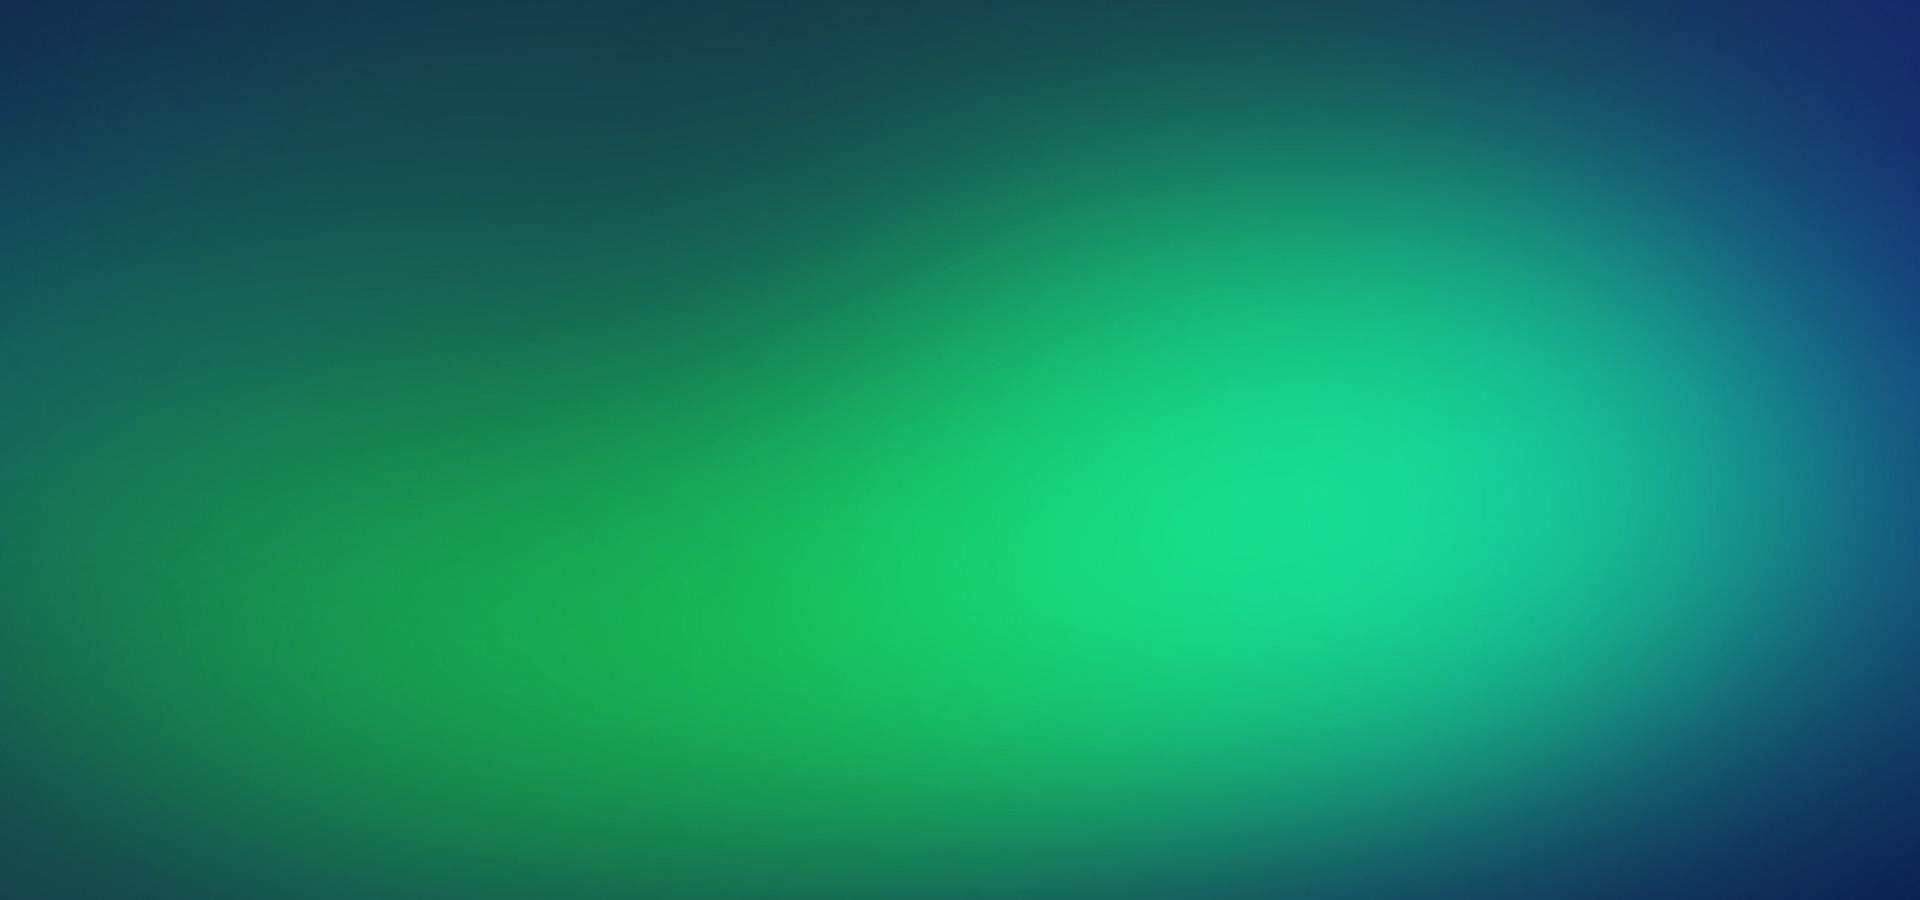 la simplicit u00e9 de la couleur de la lumi u00e8re de fond bleu